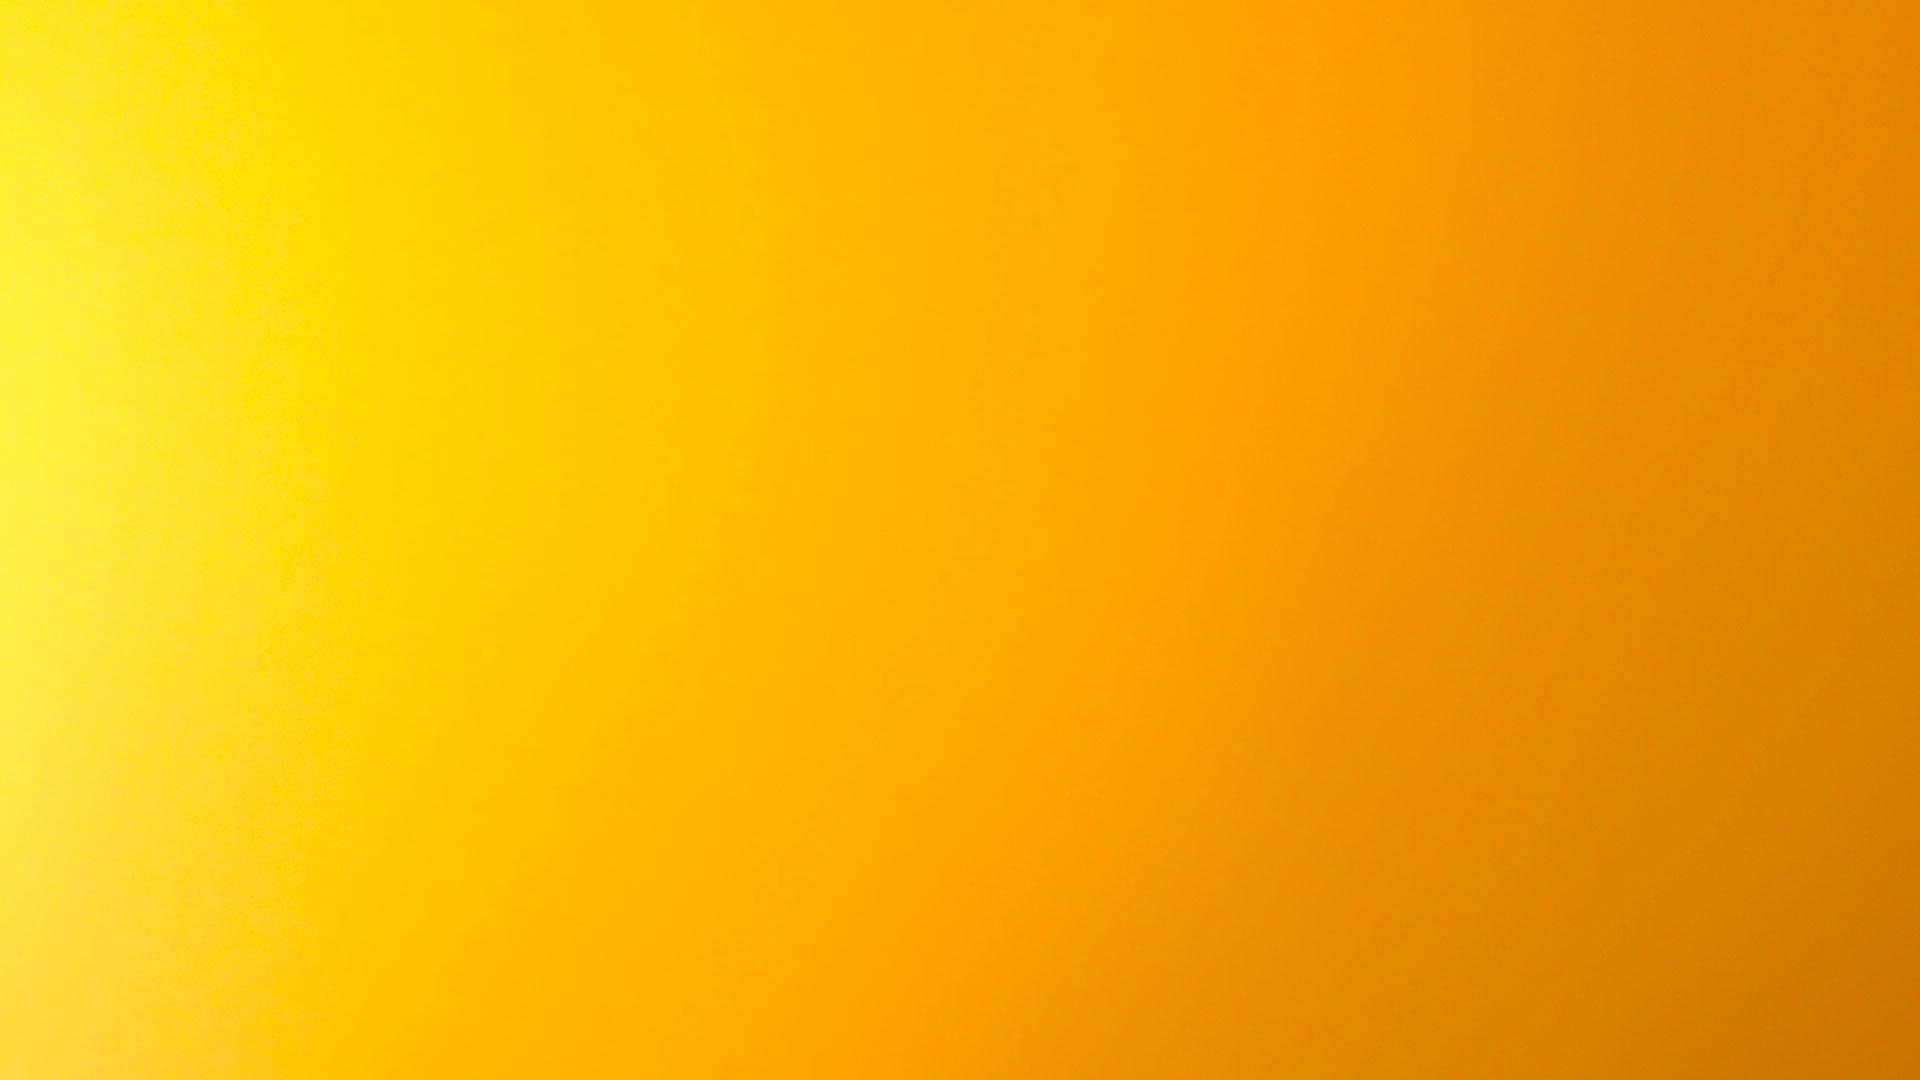 Gelber Hintergrund mit Verlauf